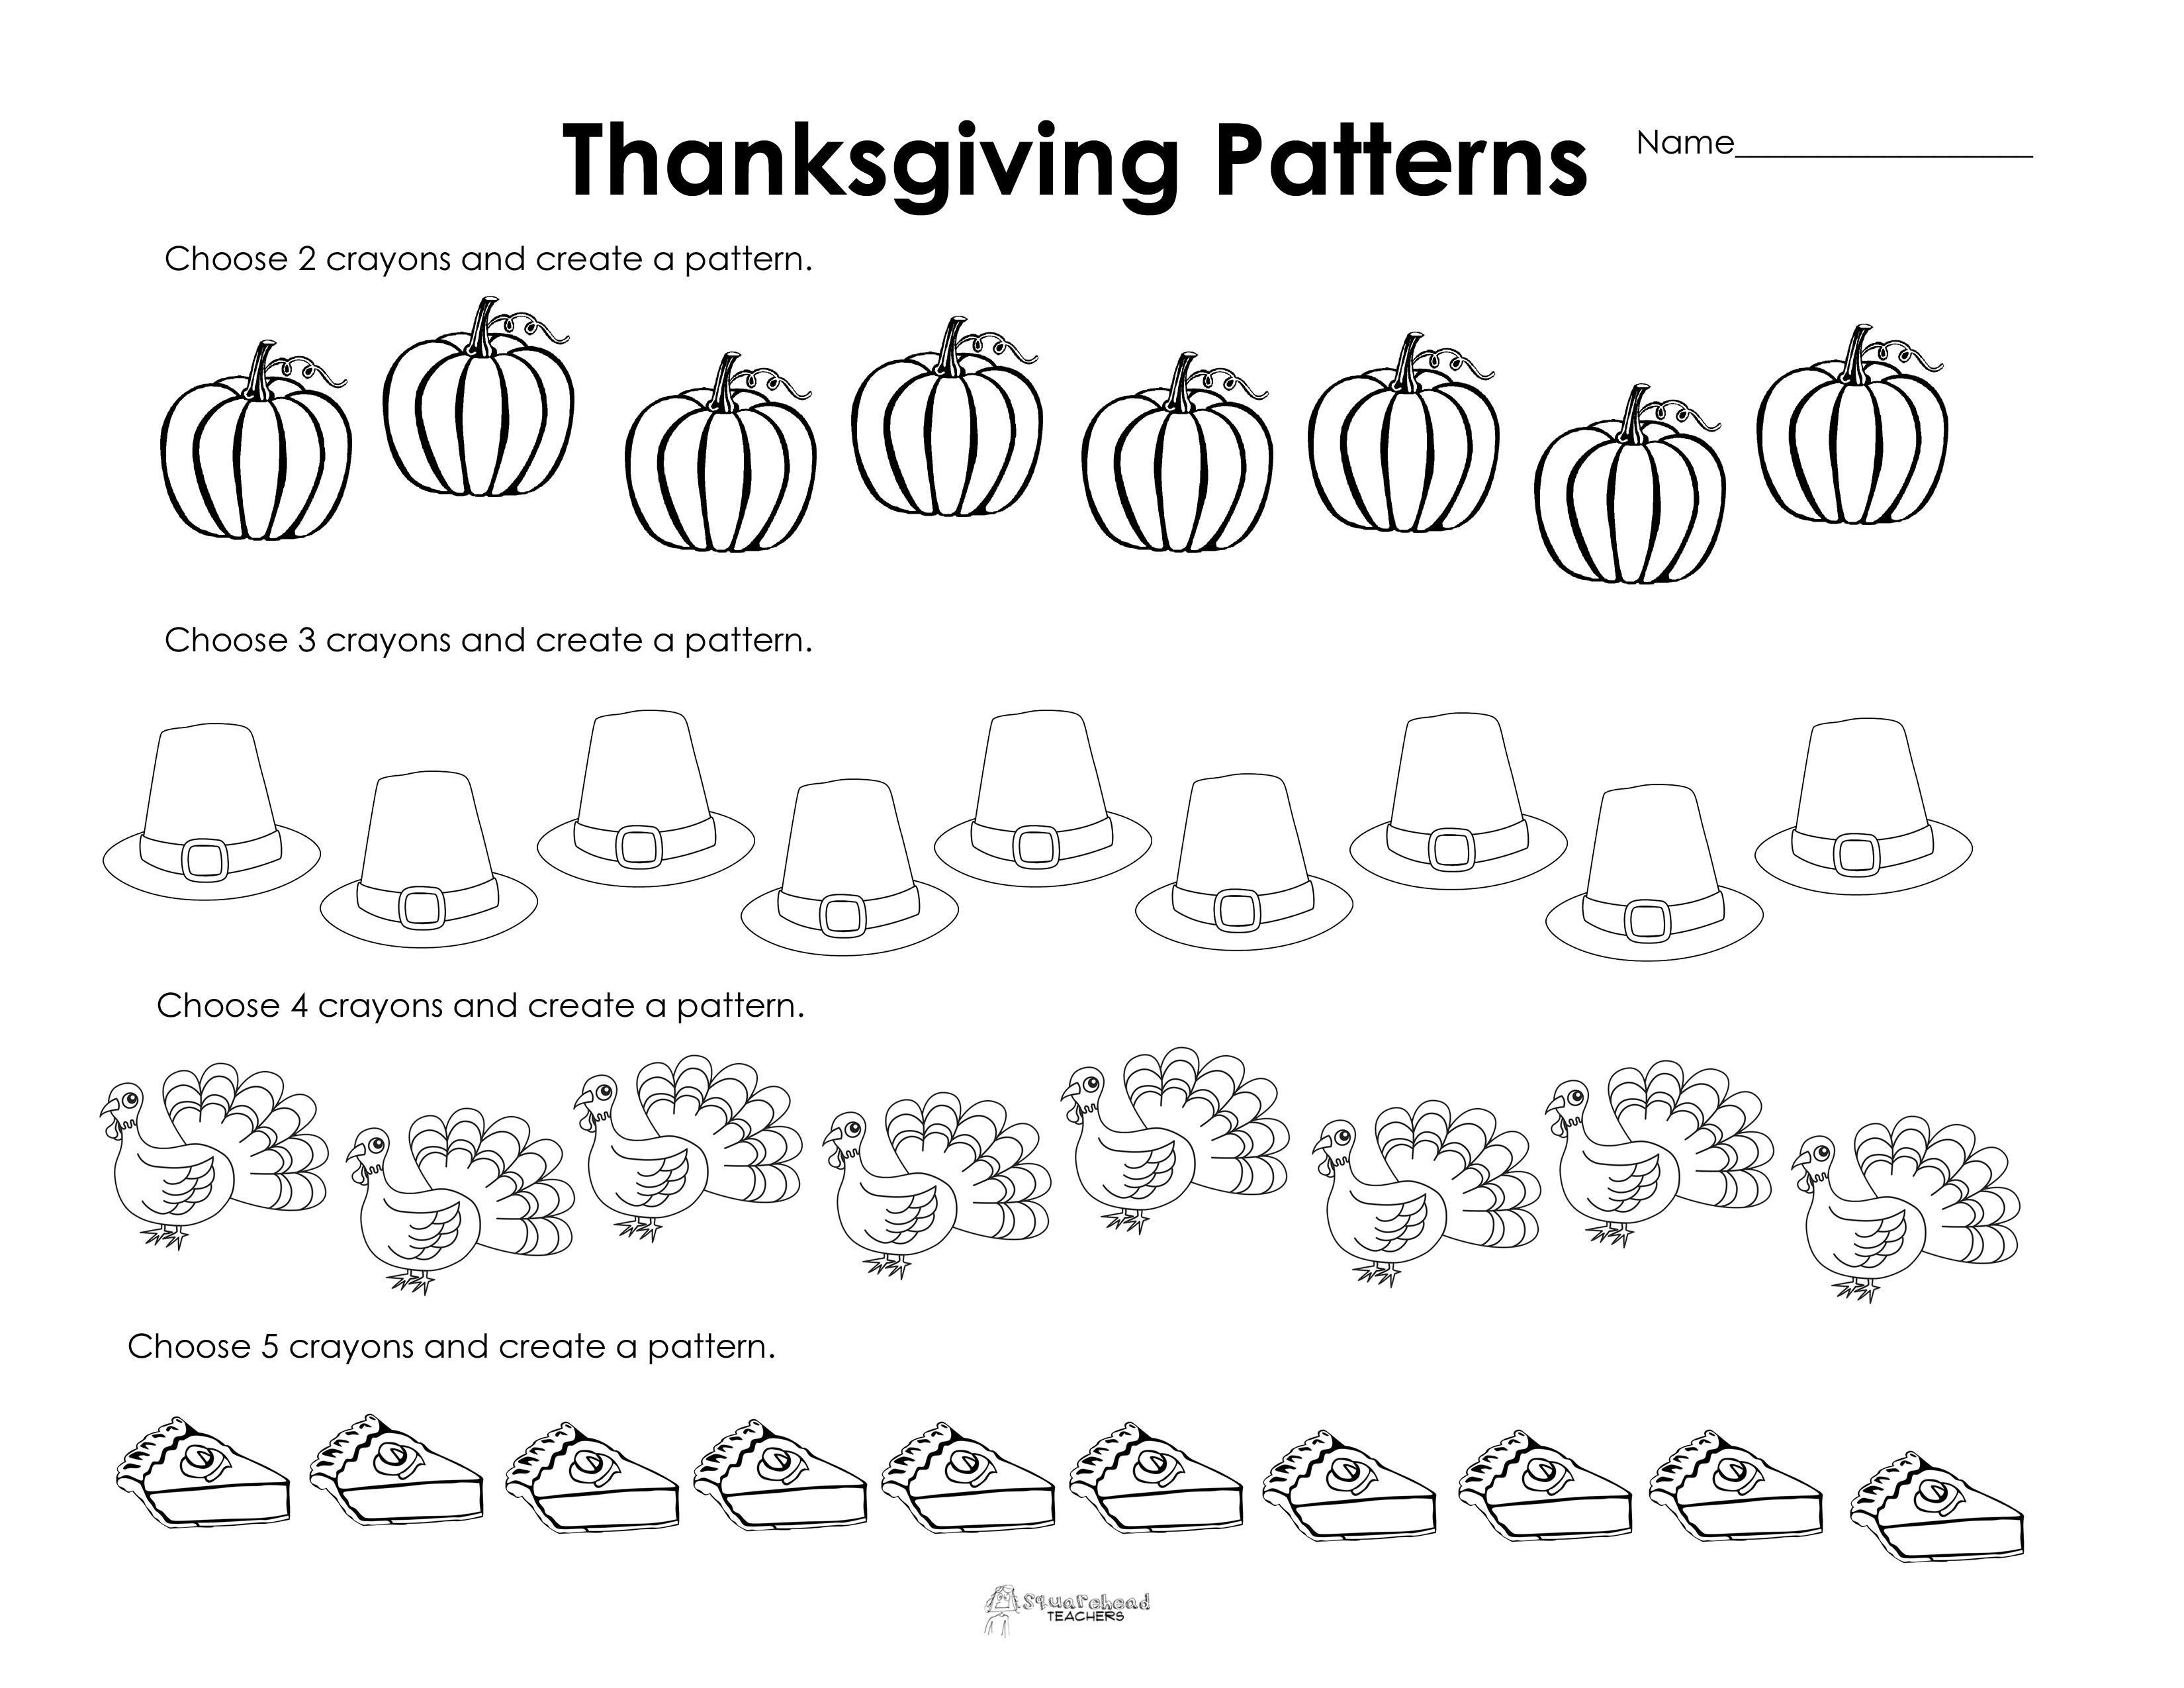 Making Patterns: Thanksgiving Style (Free Worksheet!) | Squarehead | Printable Thanksgiving Worksheets Kindergarten